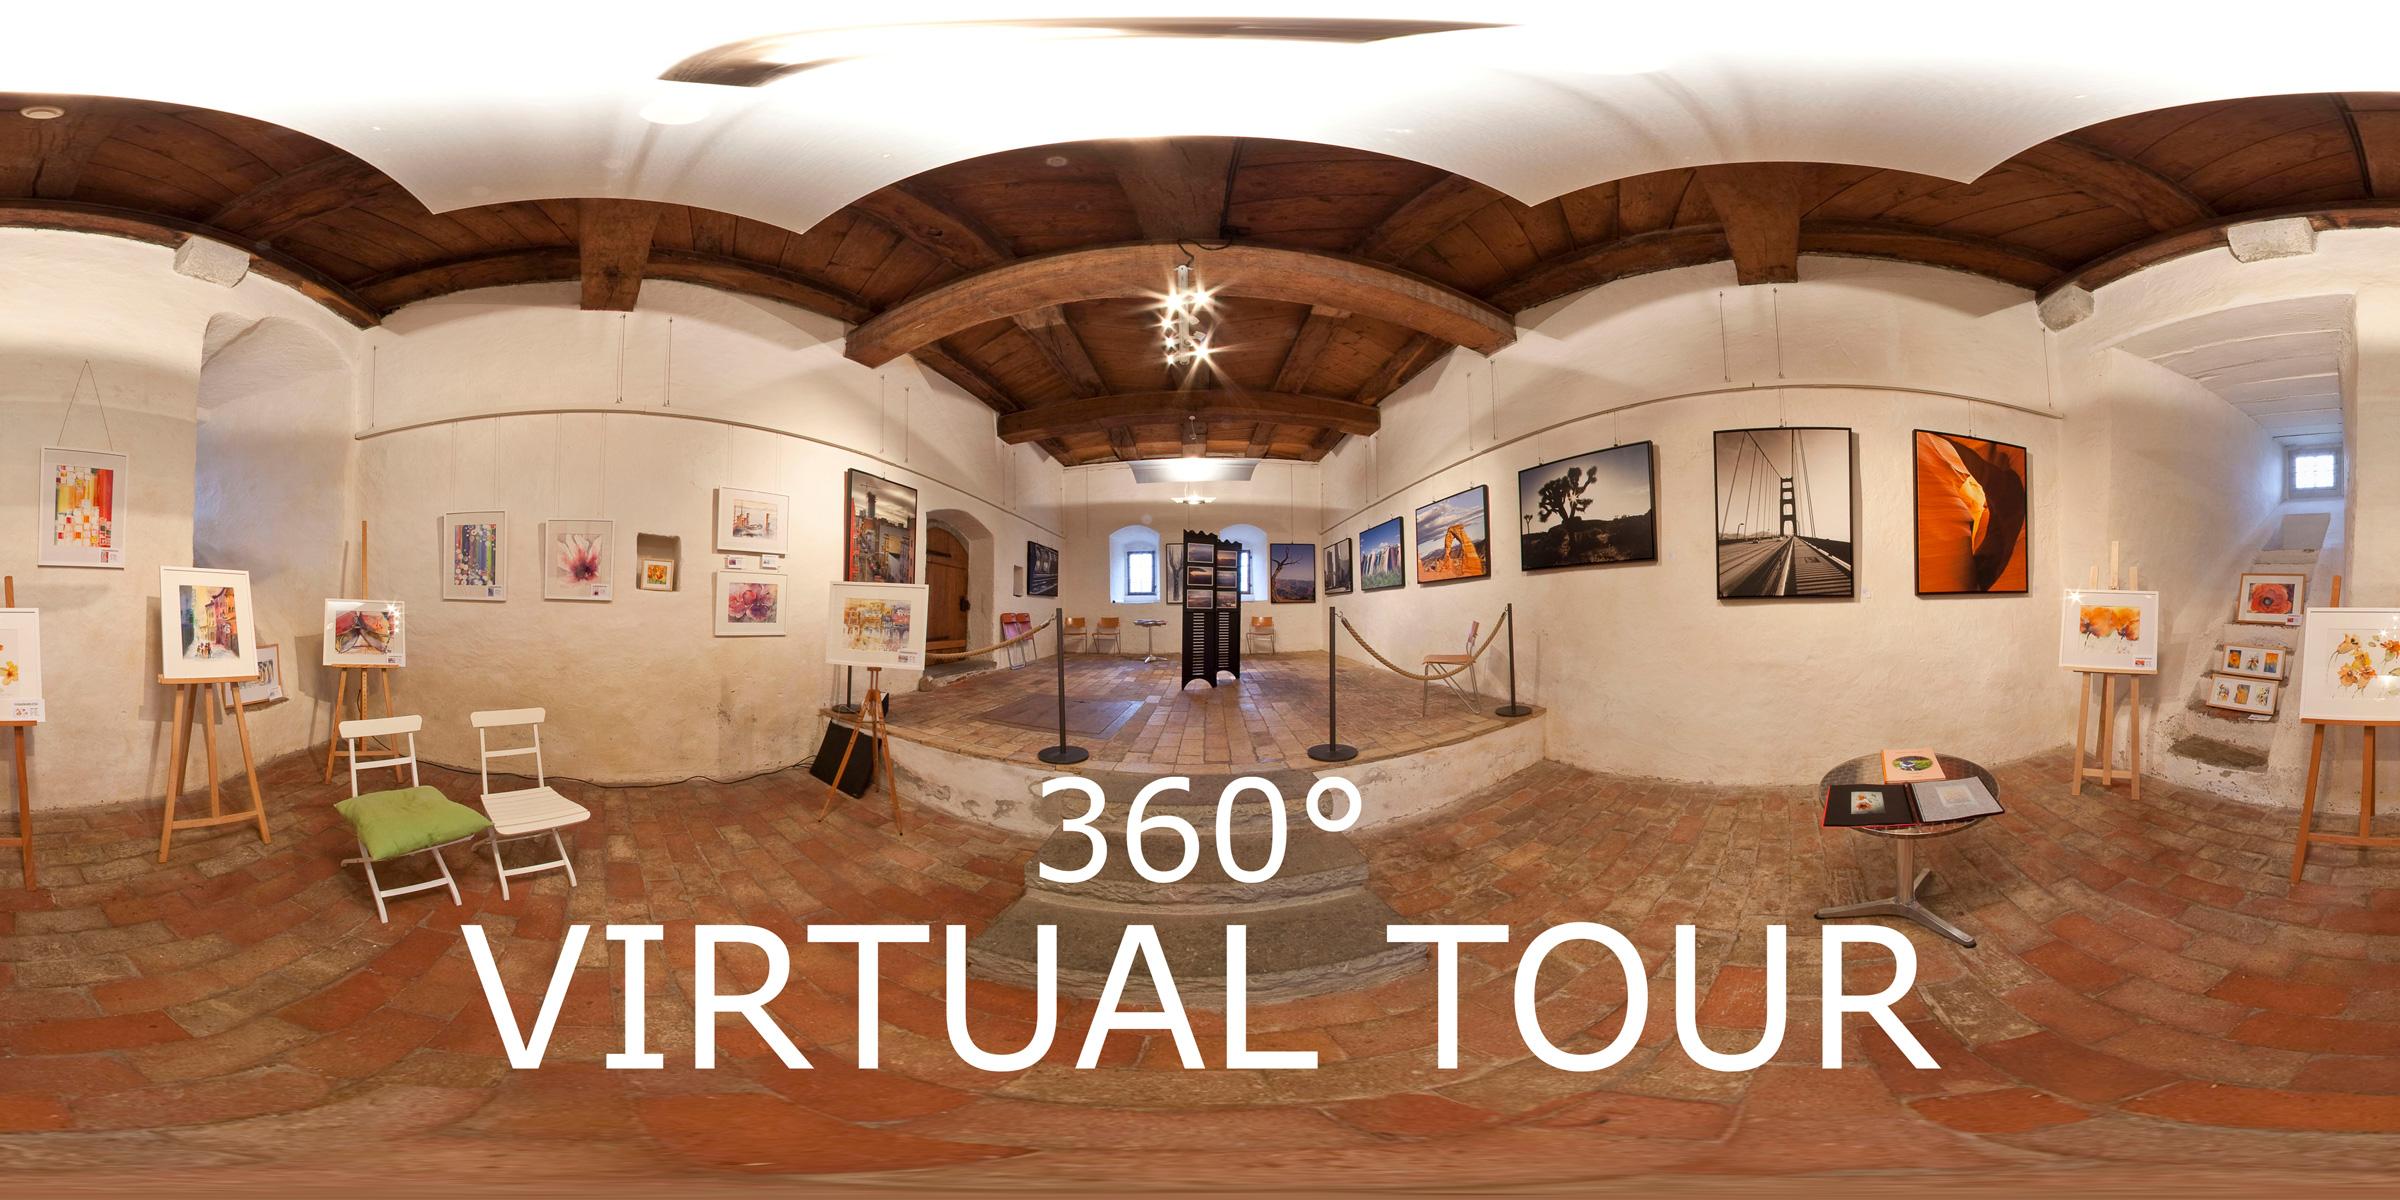 360° Virtuelle Tour durch die Ausstellung - Vogelsperspektiven 2010 - Greifensee